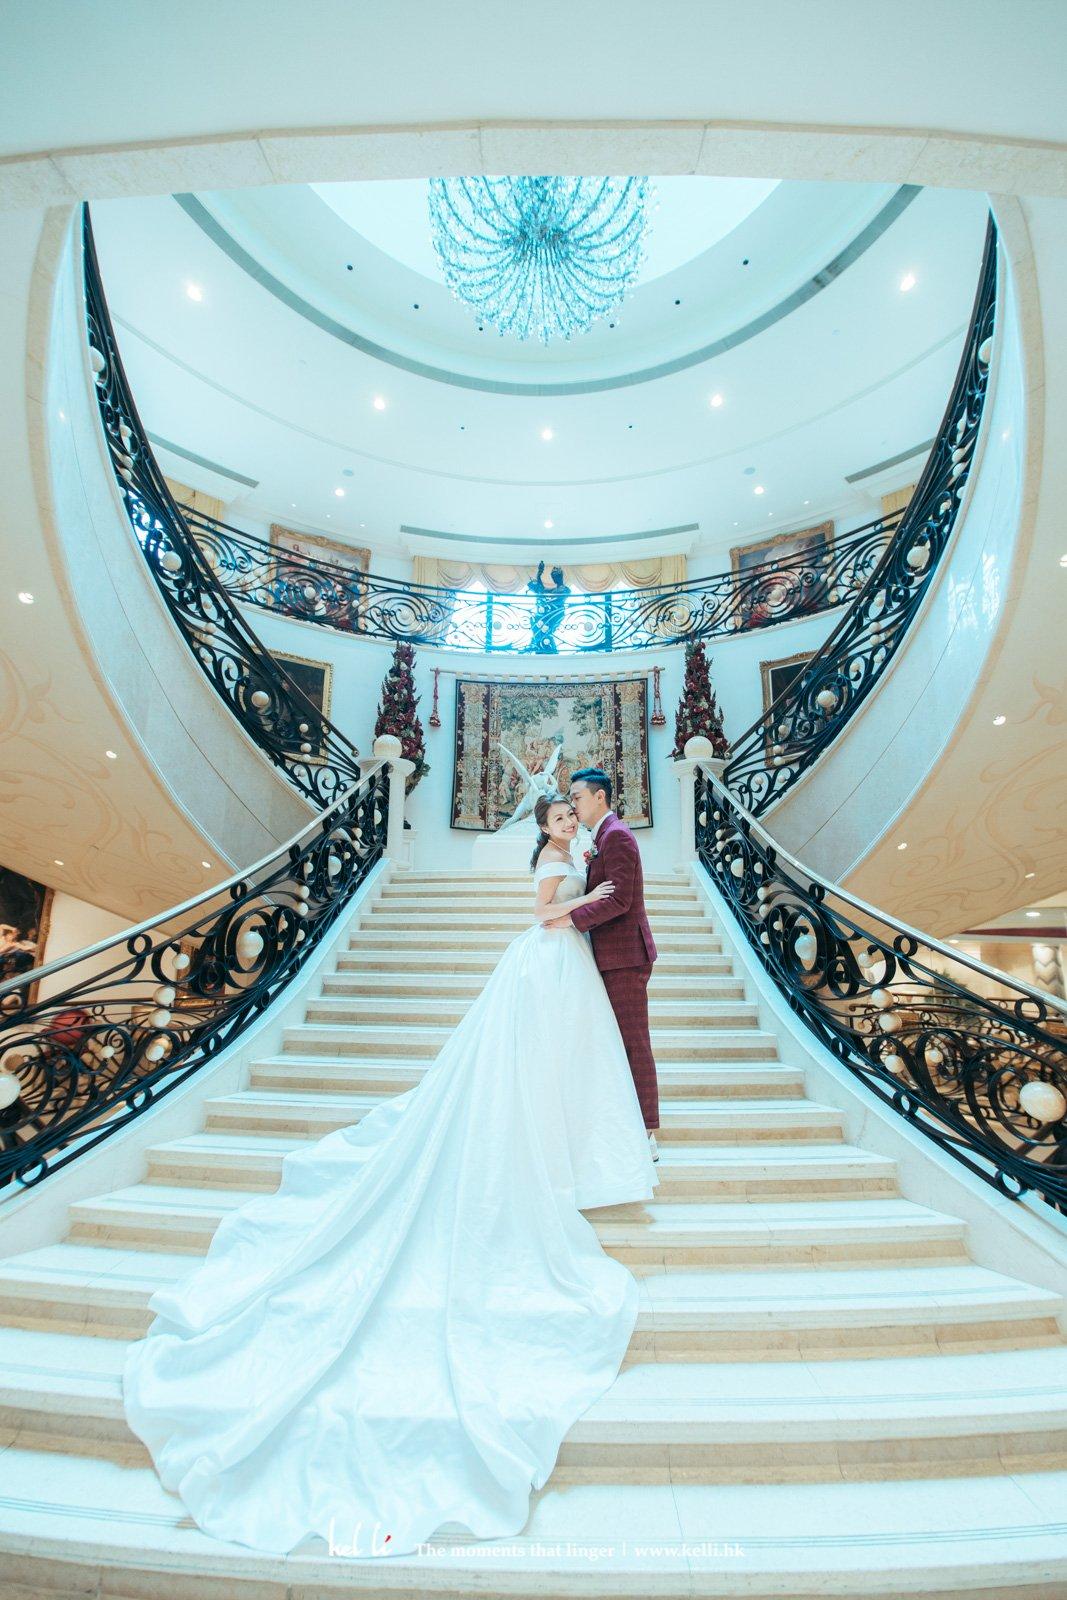 樓梯與大'拖尾'婚紗的完美配合